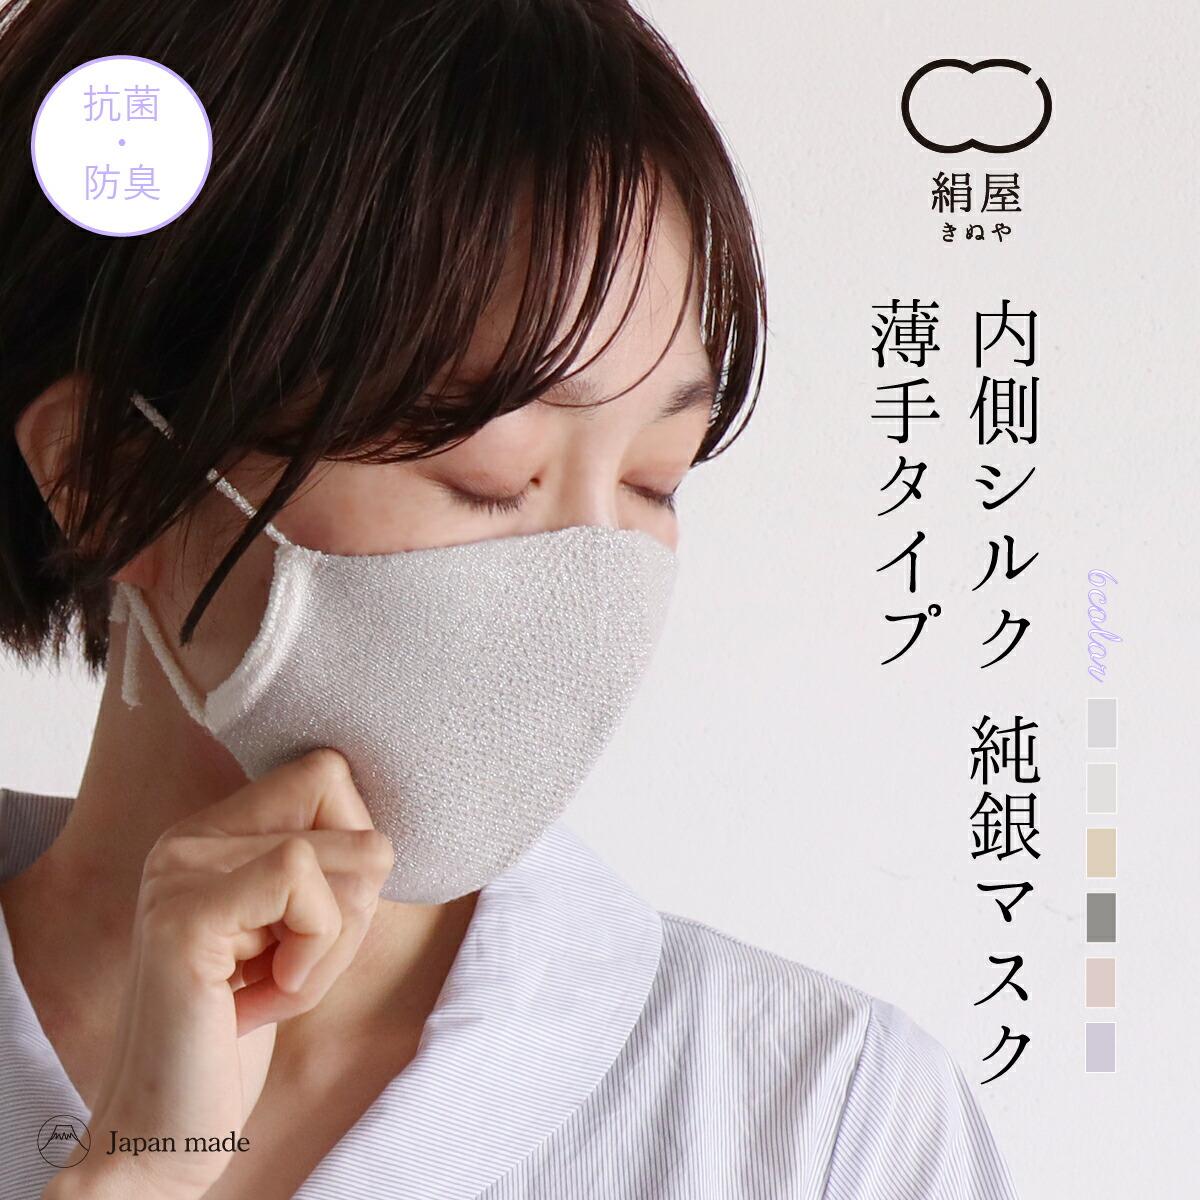 内側シルク 純銀マスク 薄手タイプ